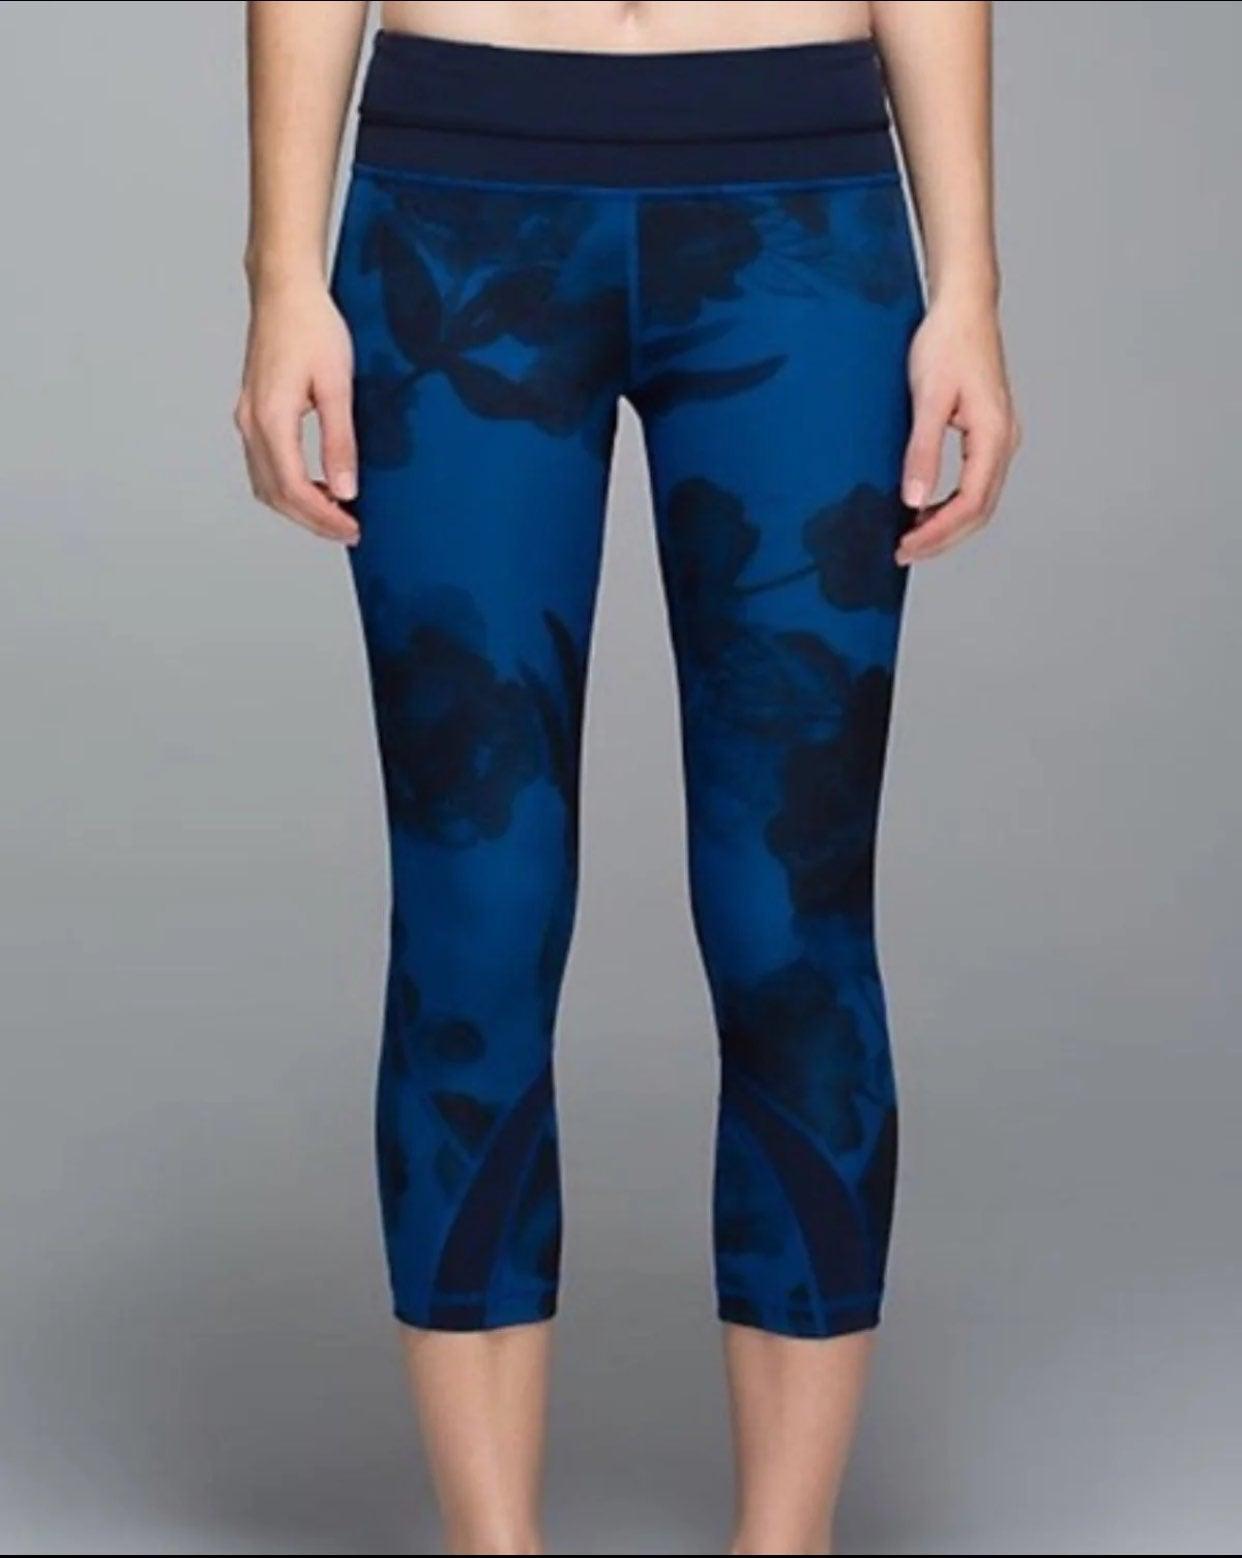 lululemon Inspire leggings size 6